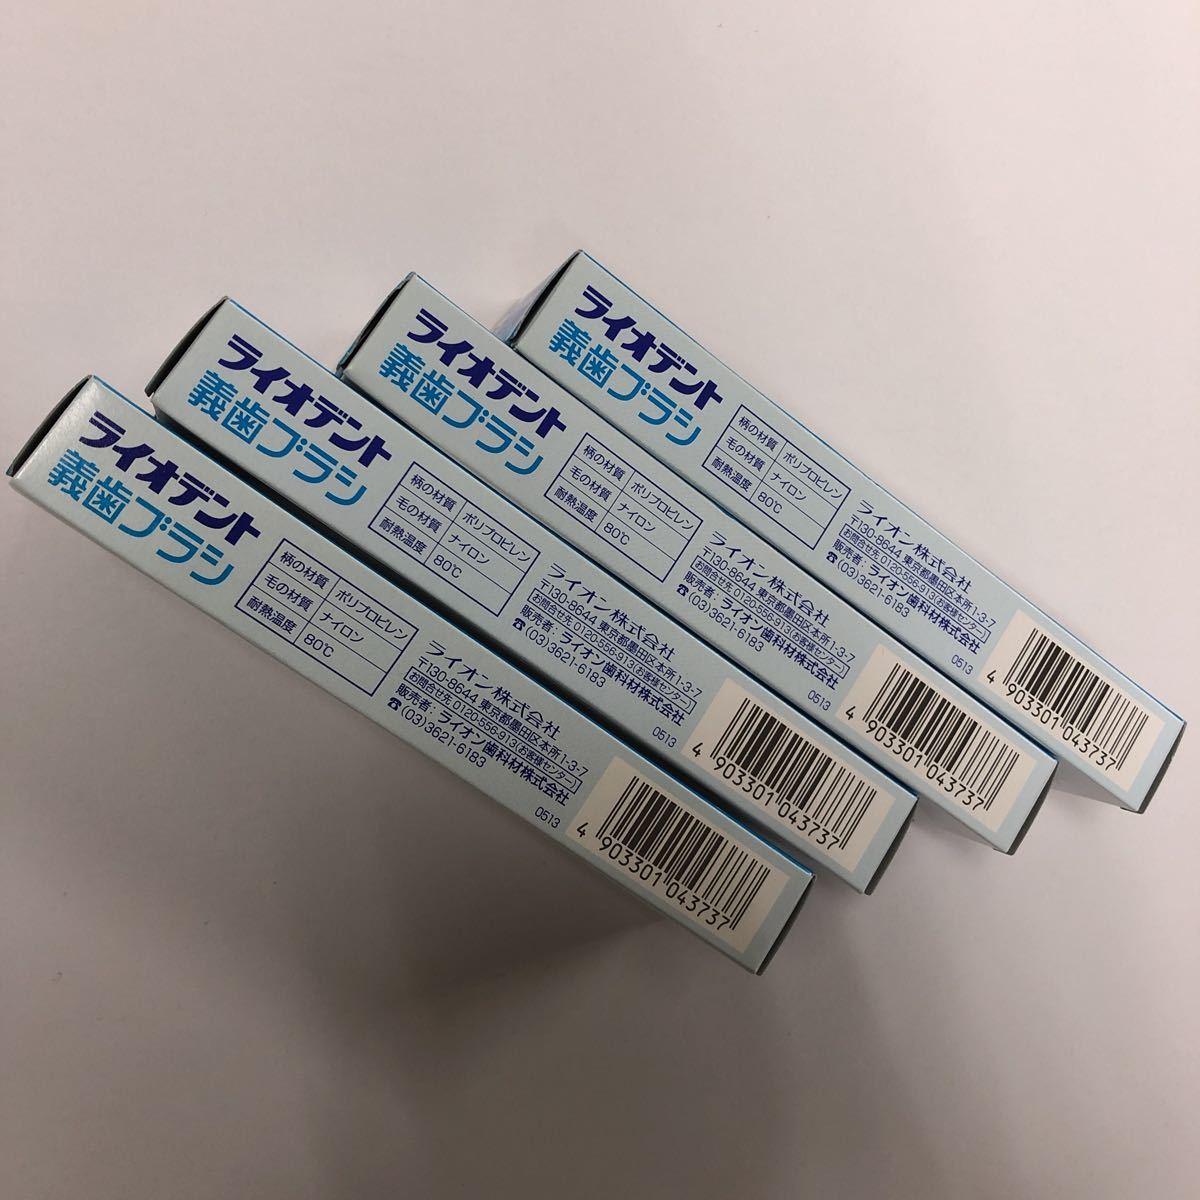 ライオン ライオデント義歯ブラシ4個セット_画像6